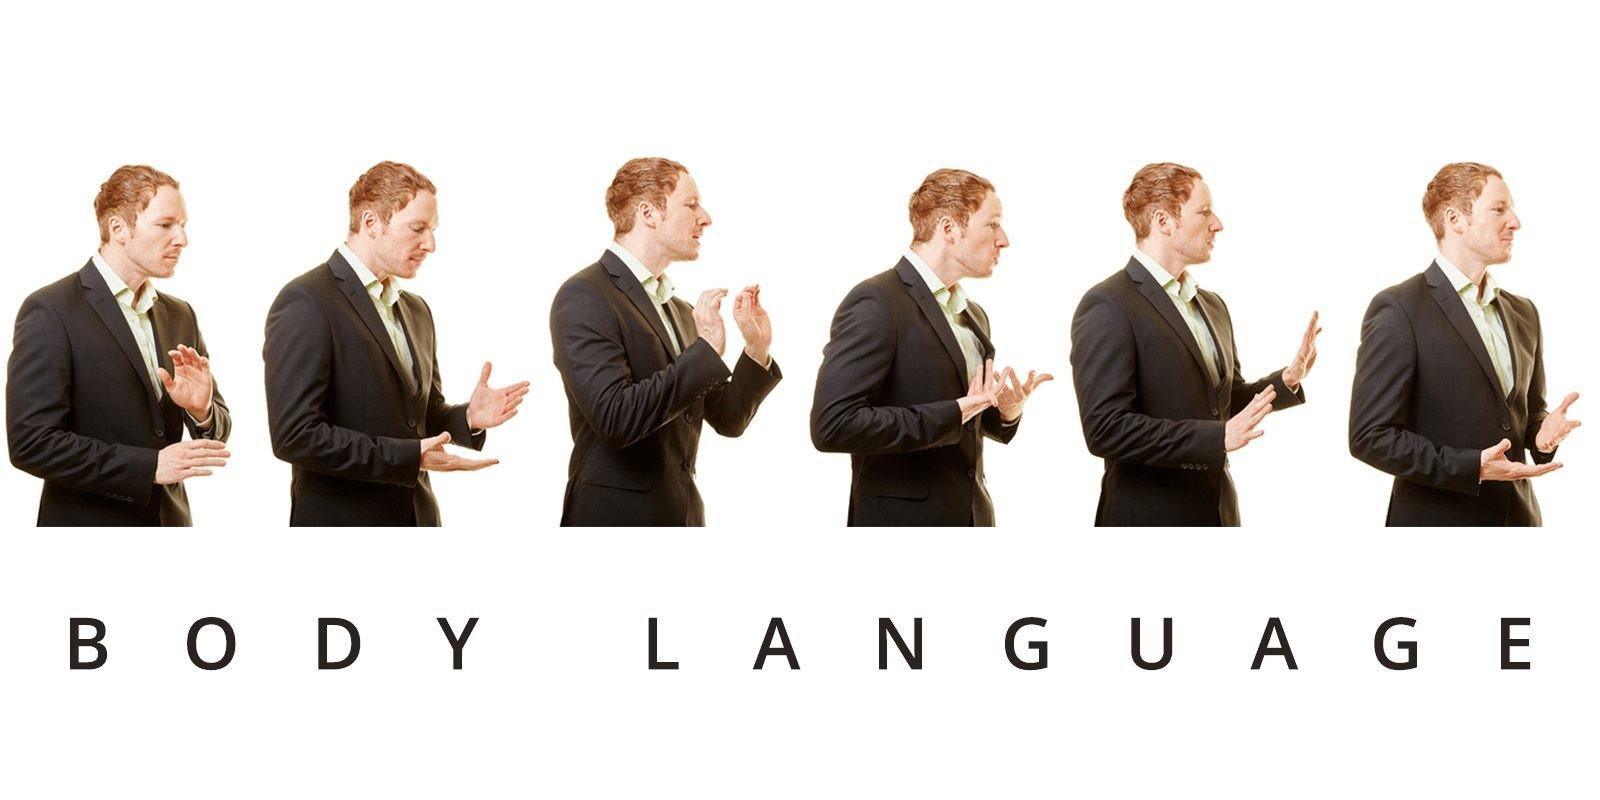 Nhiệm vụ của ngôn ngữ cơ thể đánh giá con người